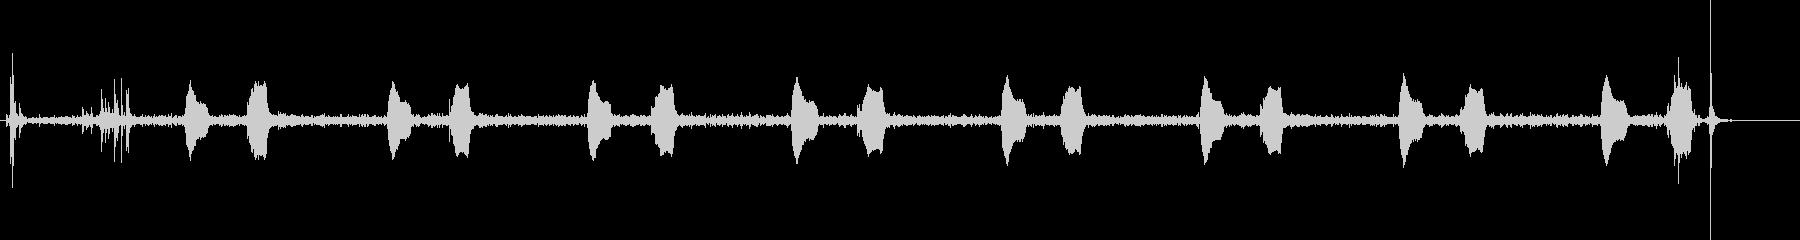 鳩時計1:ストライクエイトオクロッ...の未再生の波形